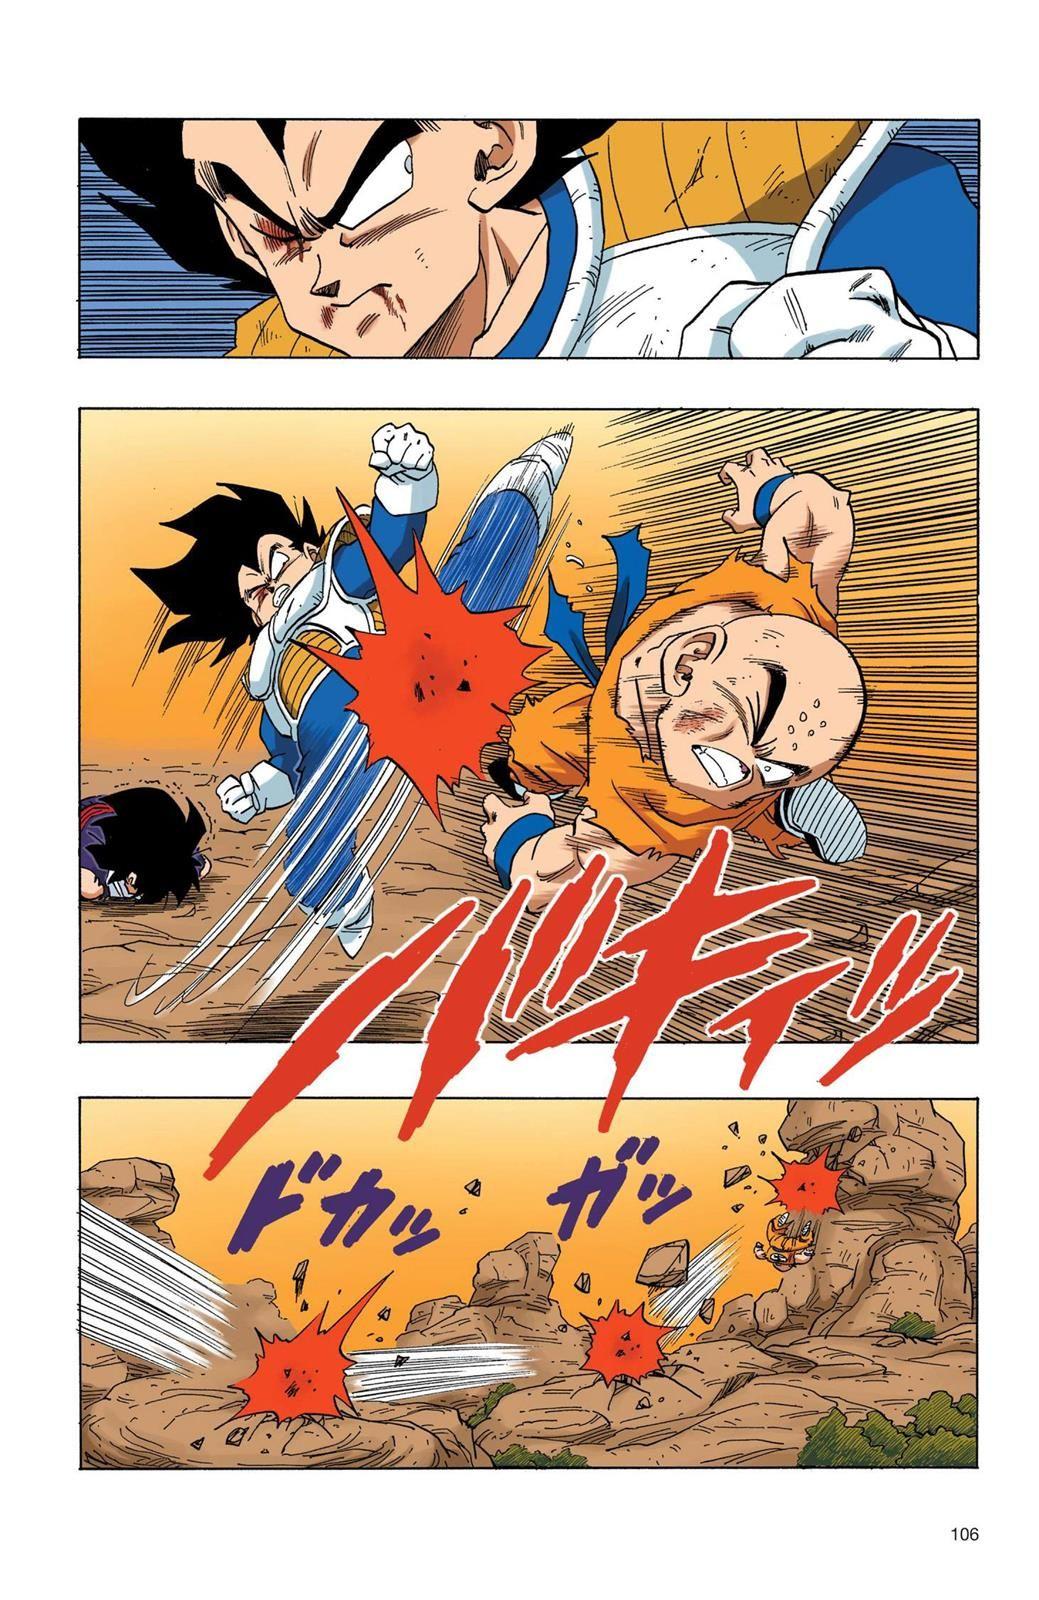 Dragon Ball Full Color Saiyan Arc Chapter 42 Page 5 Anime Dragon Ball Super Dragon Ball Dragon Ball Art